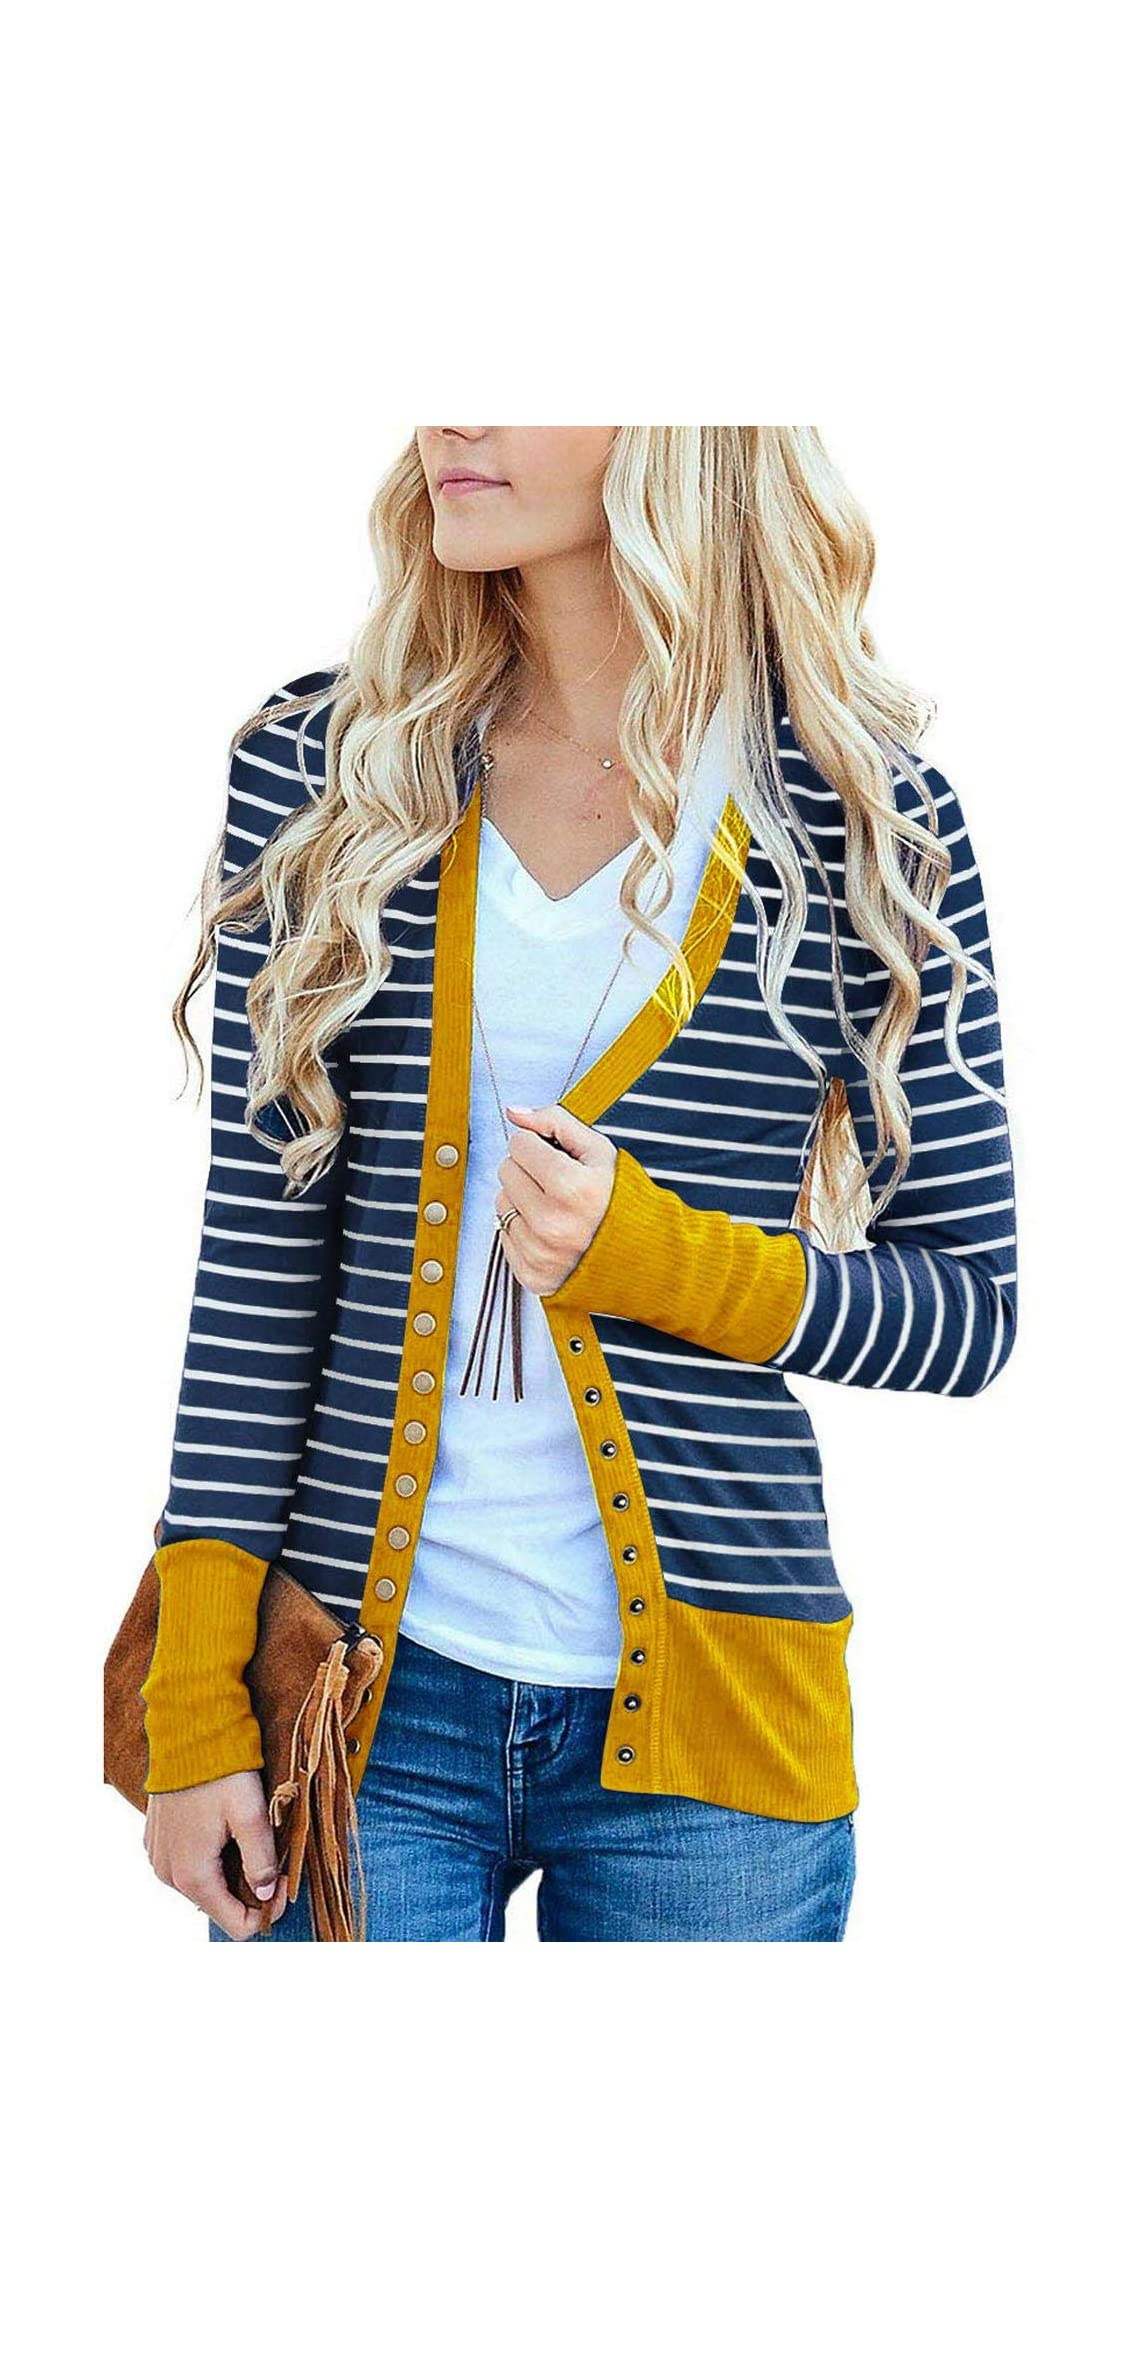 Women's Button Down Cardigan Long Sleeve Tops Shirts